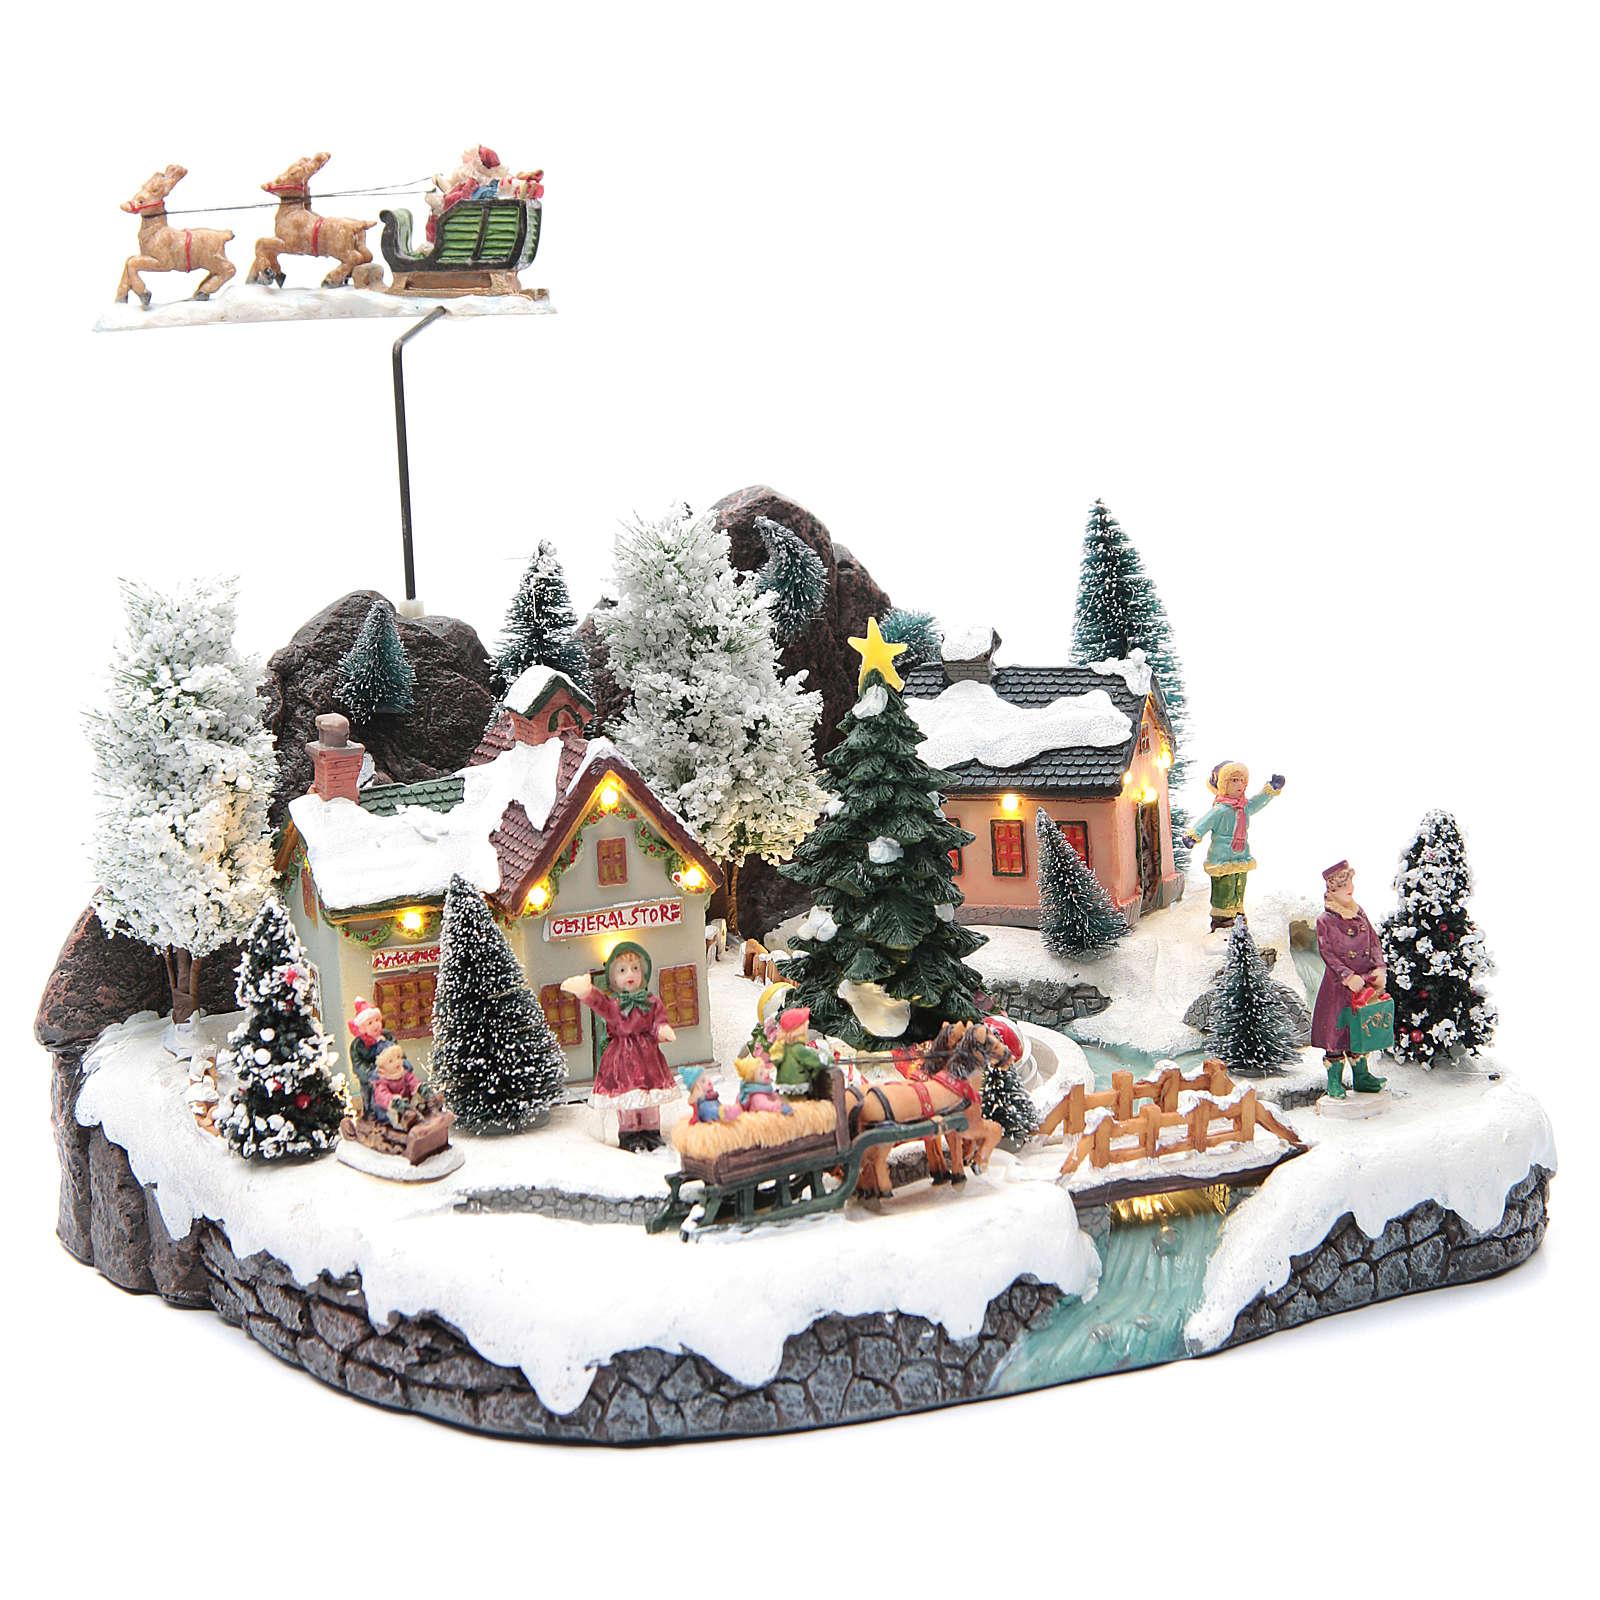 Villaggio invernale slitta Babbo Natale 30x25x25 cm 3